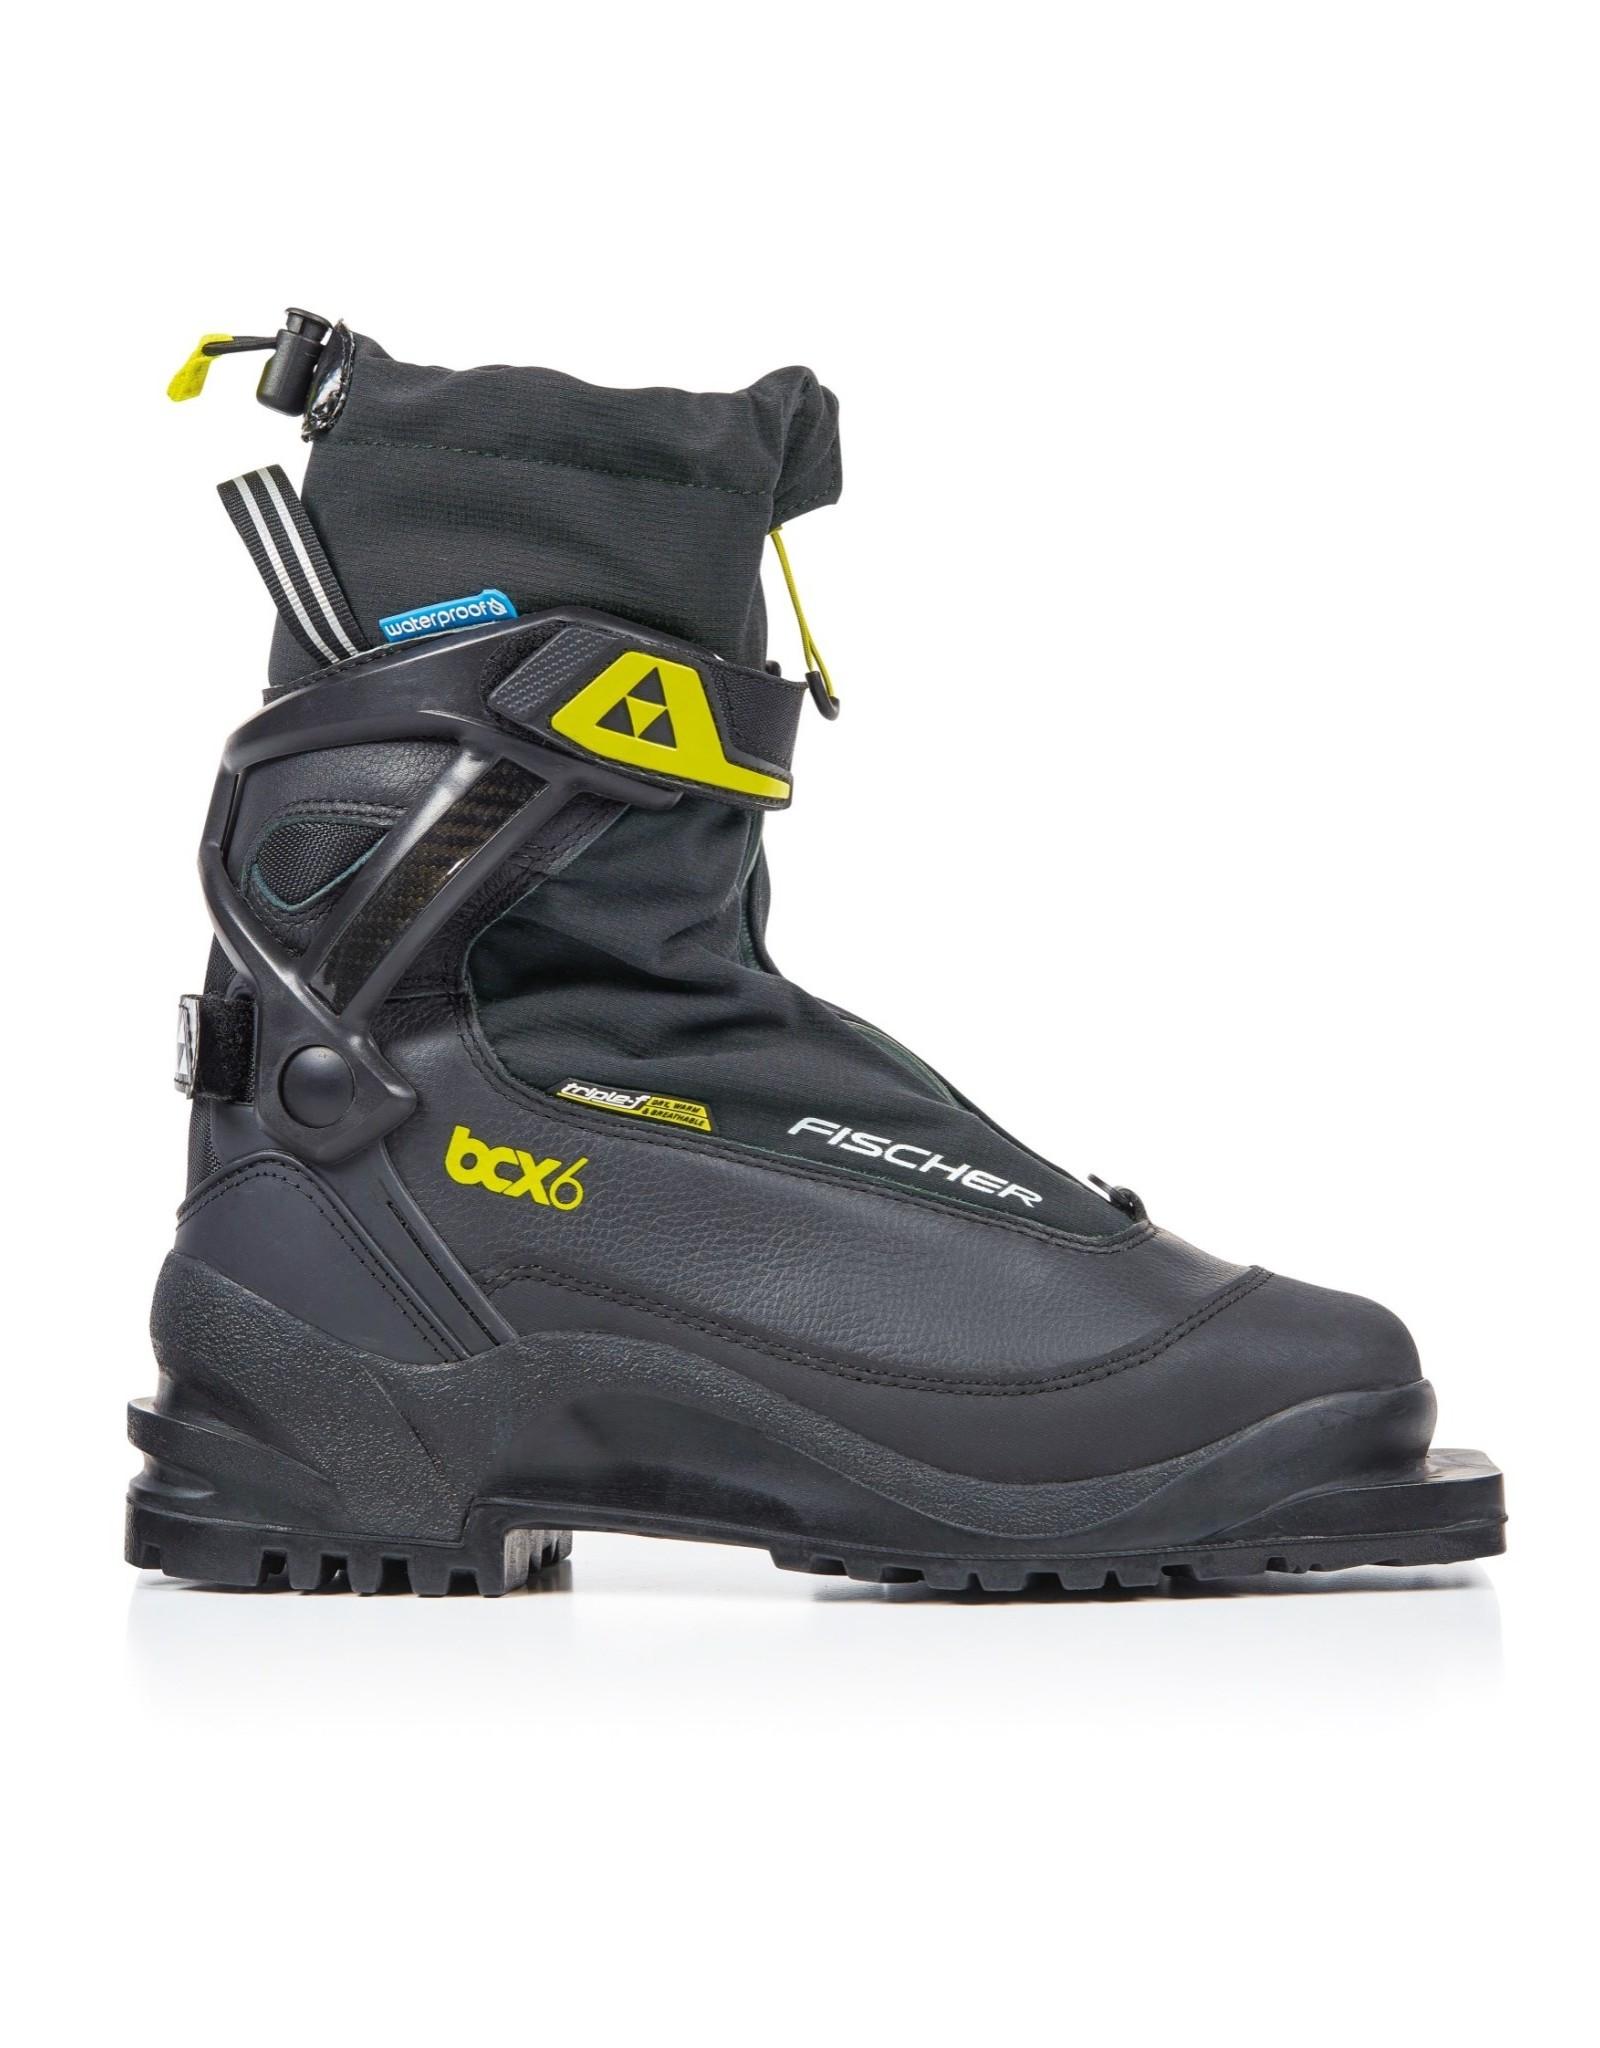 Fischer 2021 BCX 675 75mm Backcountry Ski Boots